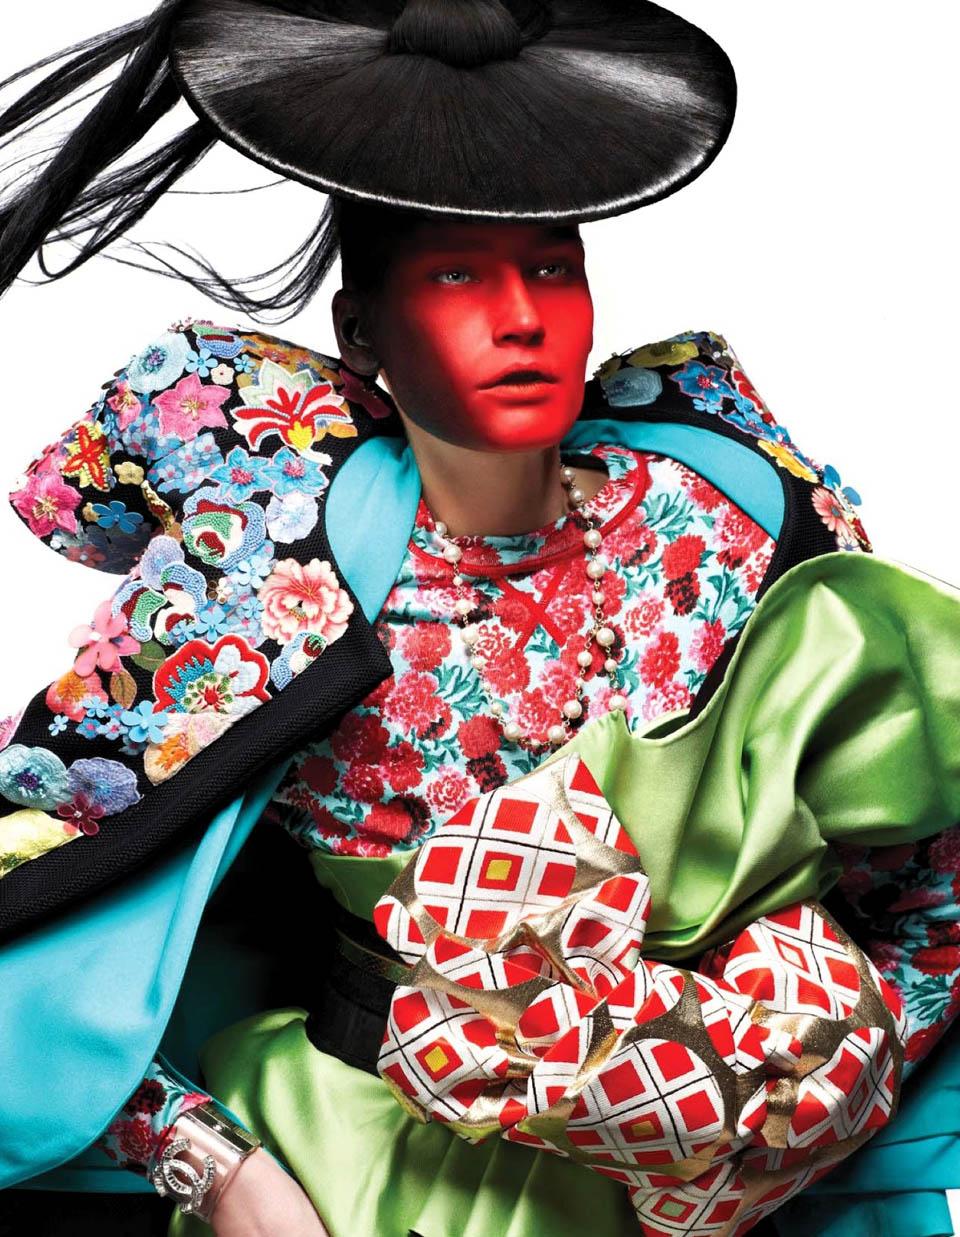 Moda oriental y prendas actuales por Vogue Netherlands, 2013